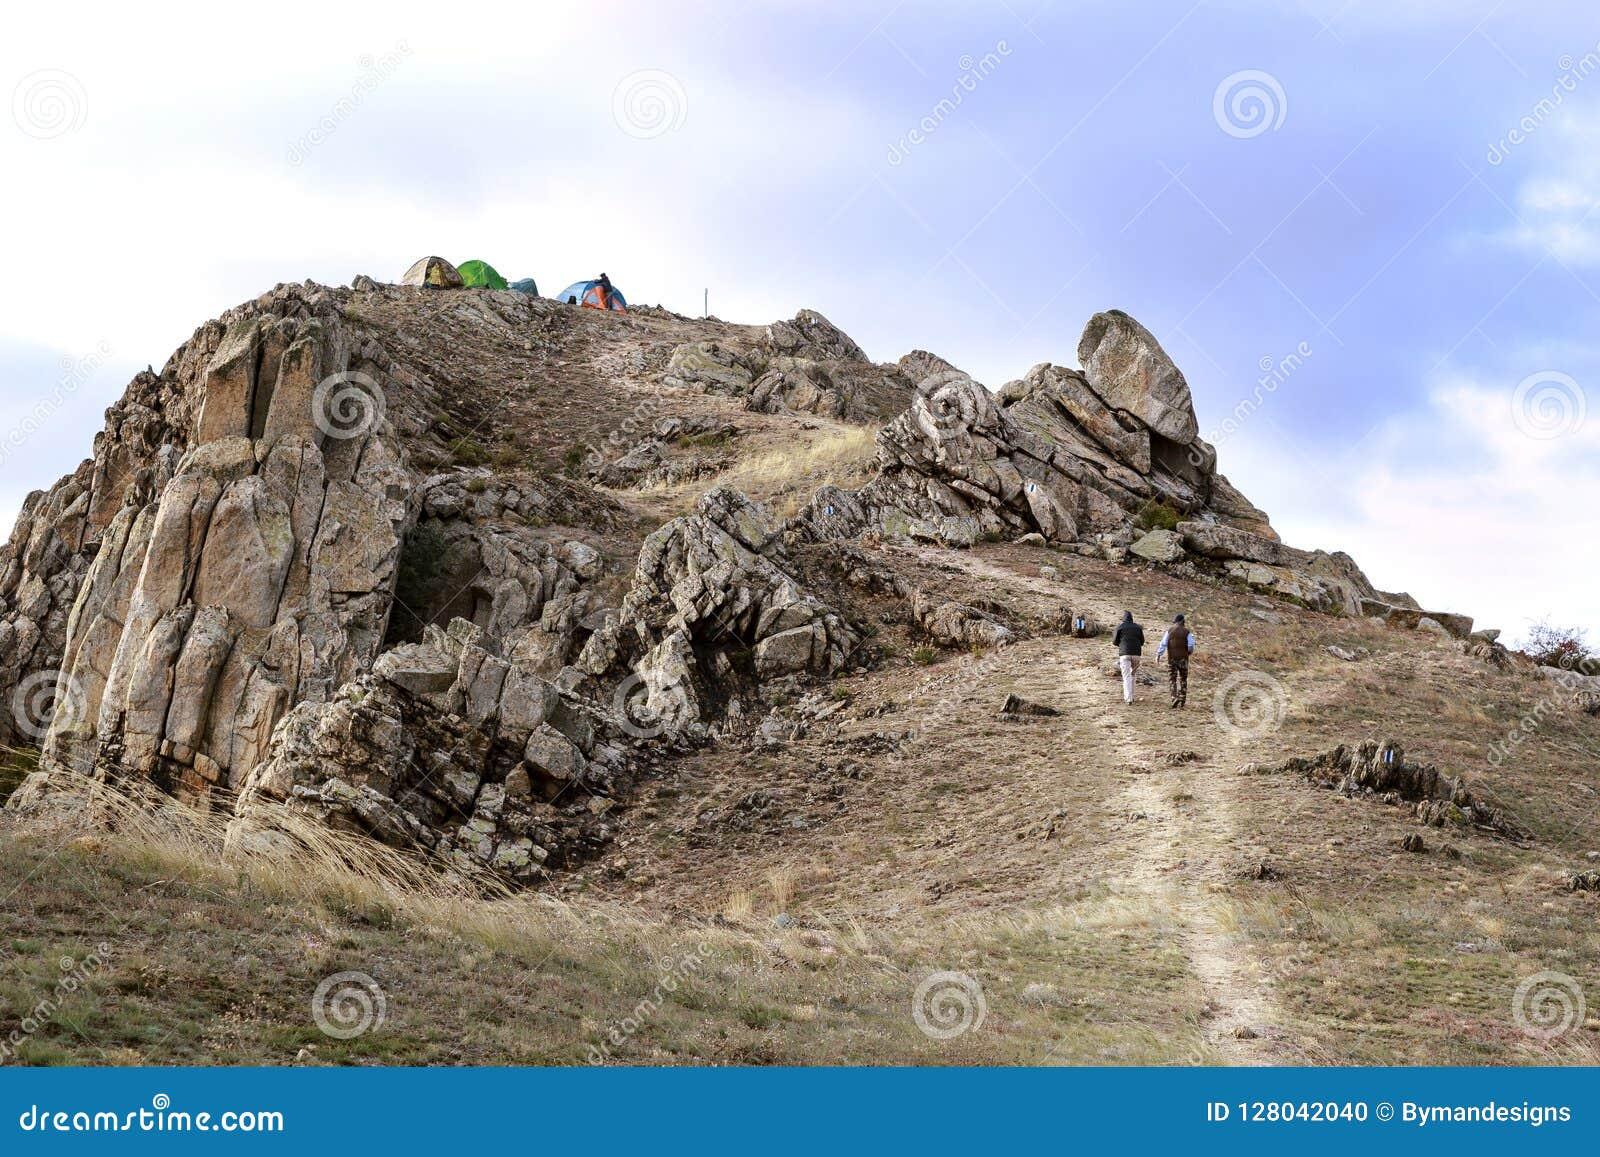 Aventureiros com as barracas na parte superior da montanha